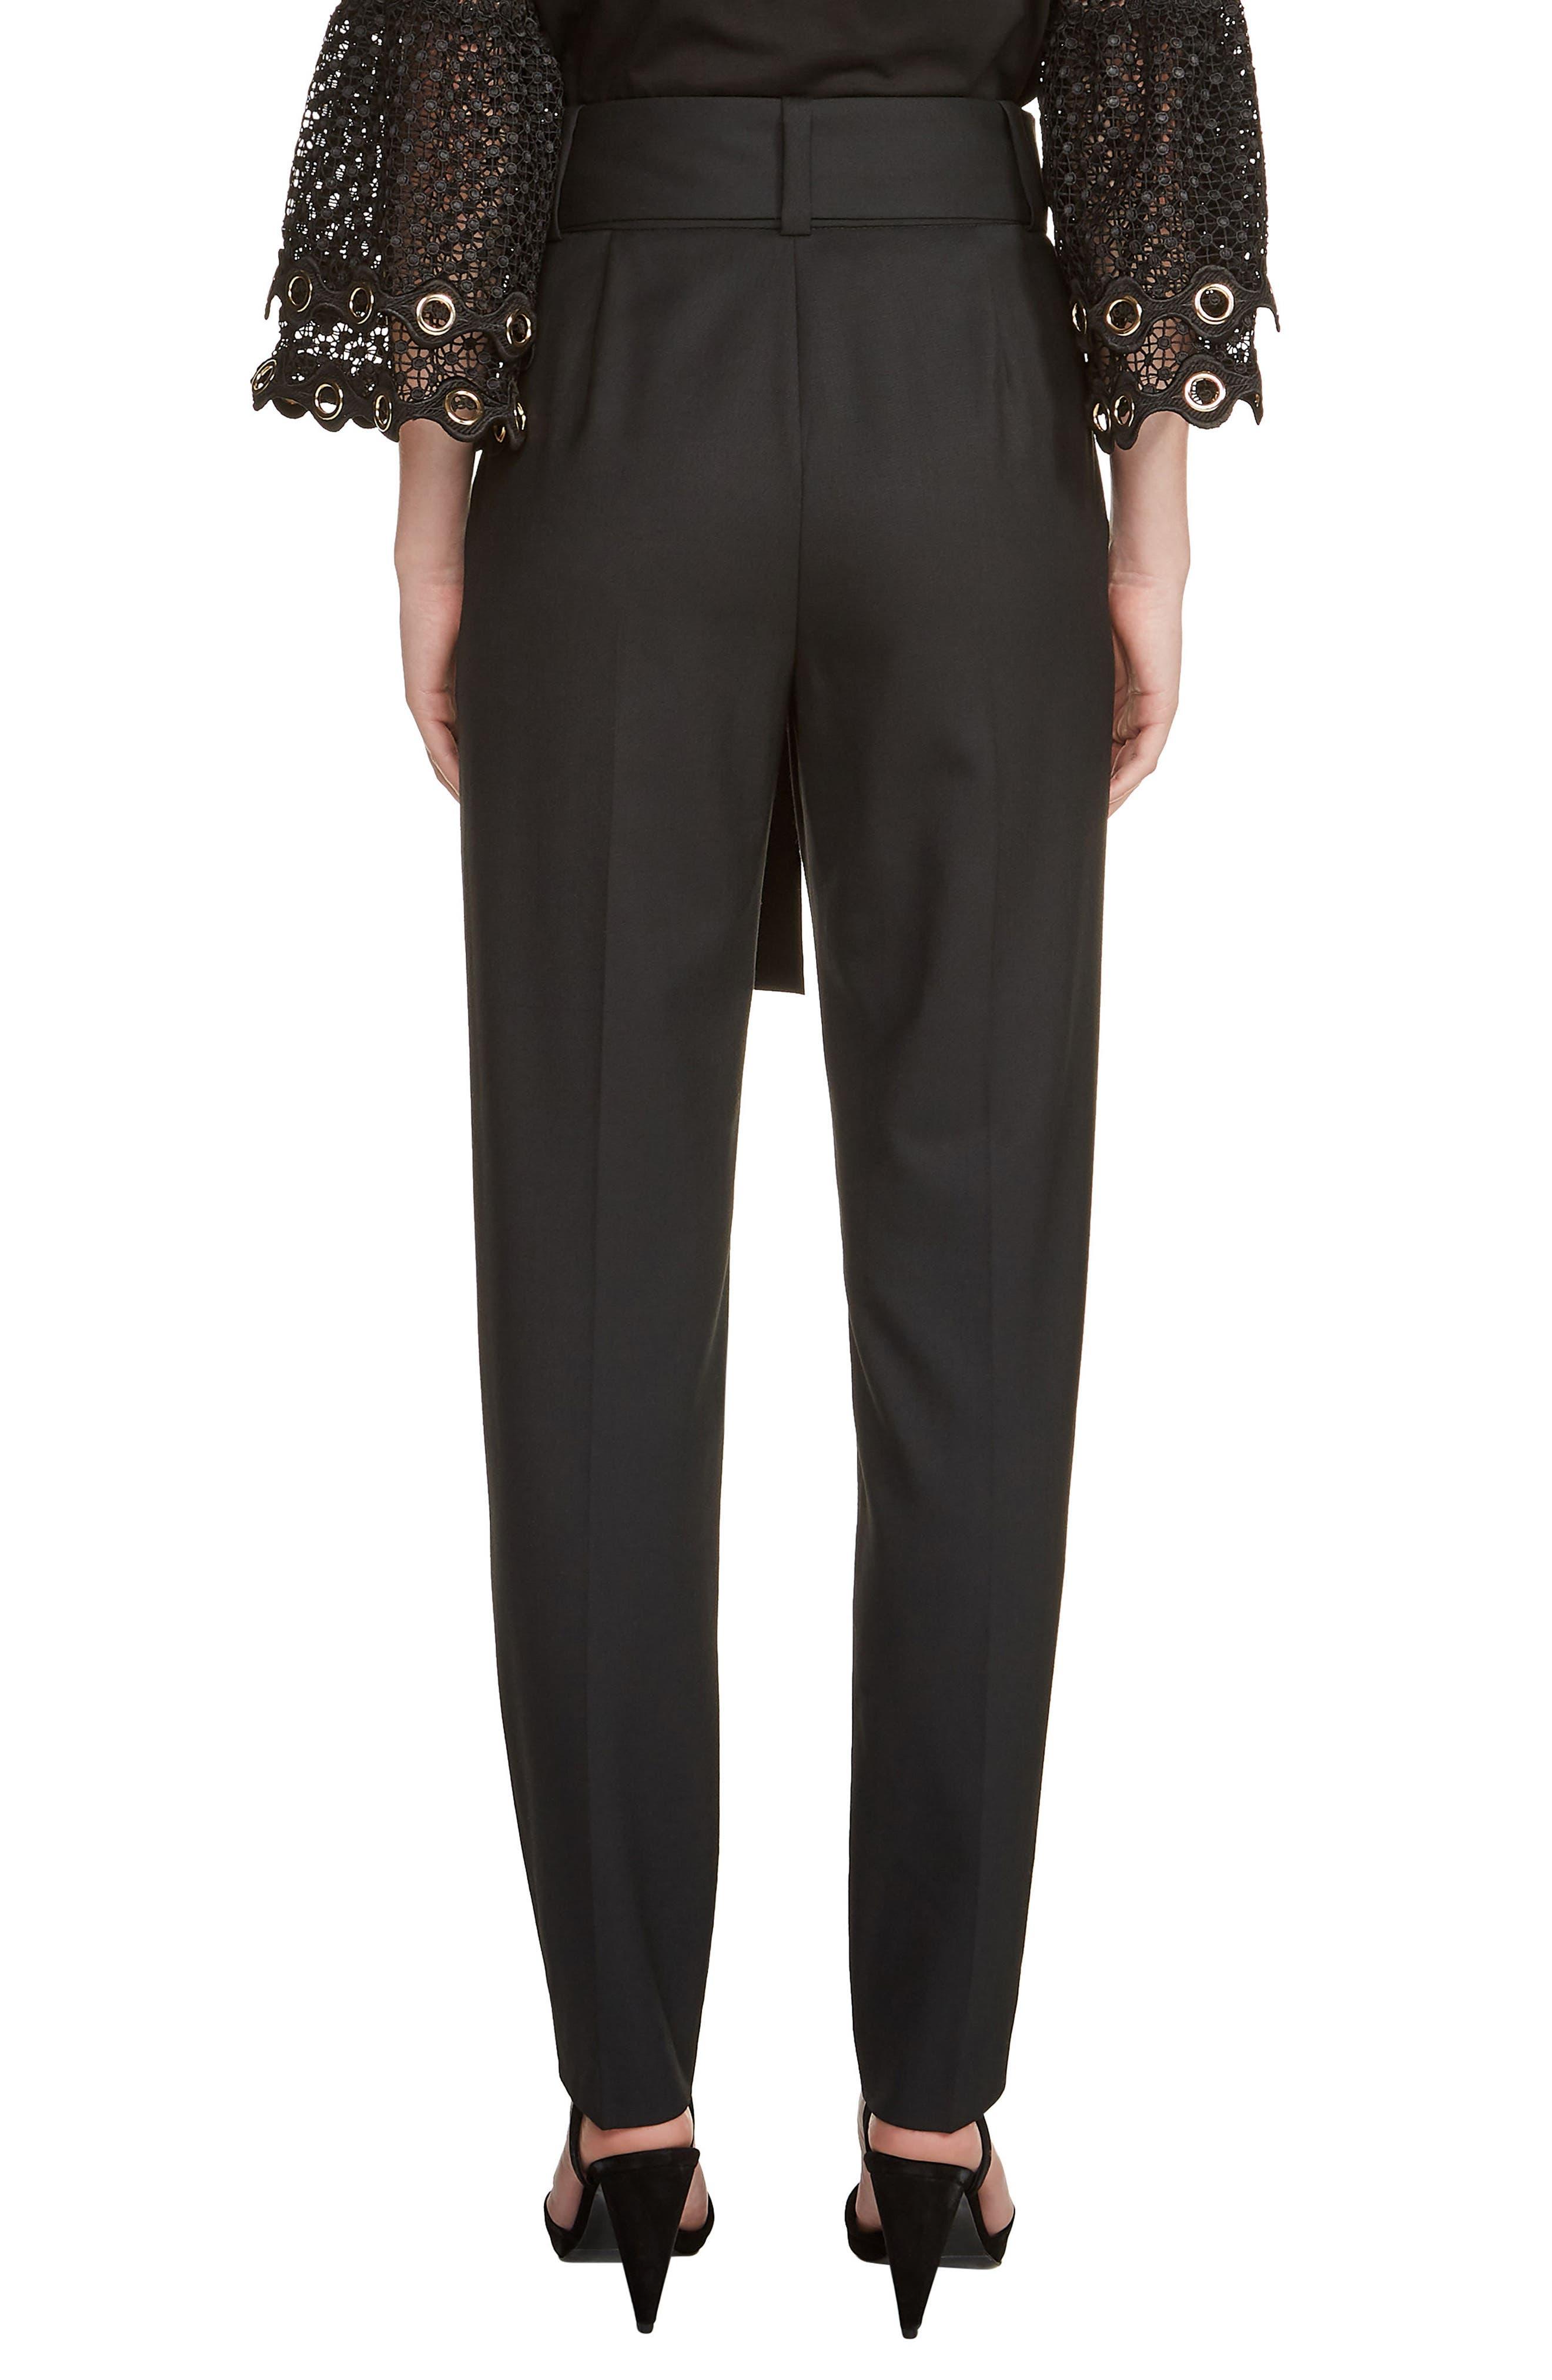 Paris Belted Pleat Front Pants,                             Alternate thumbnail 2, color,                             001